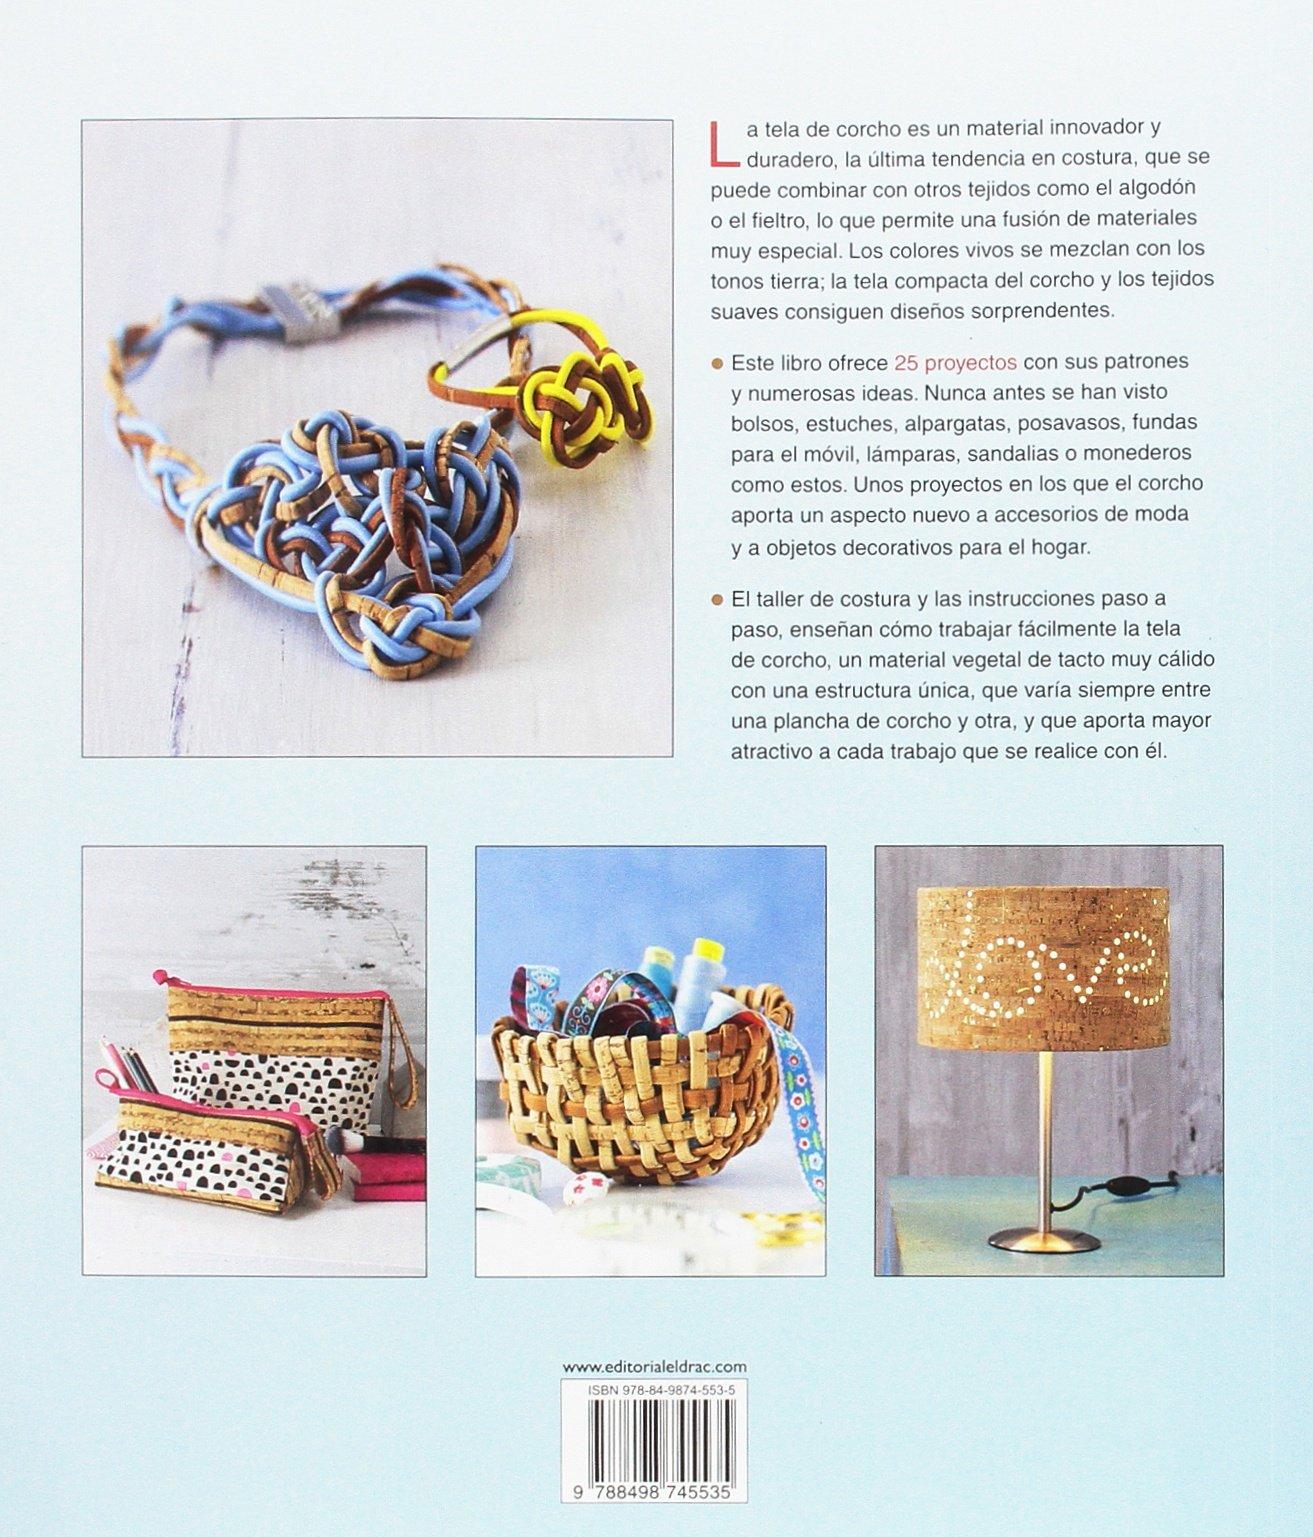 Costura con tela de corcho : 25 proyectos con sus patrones ...